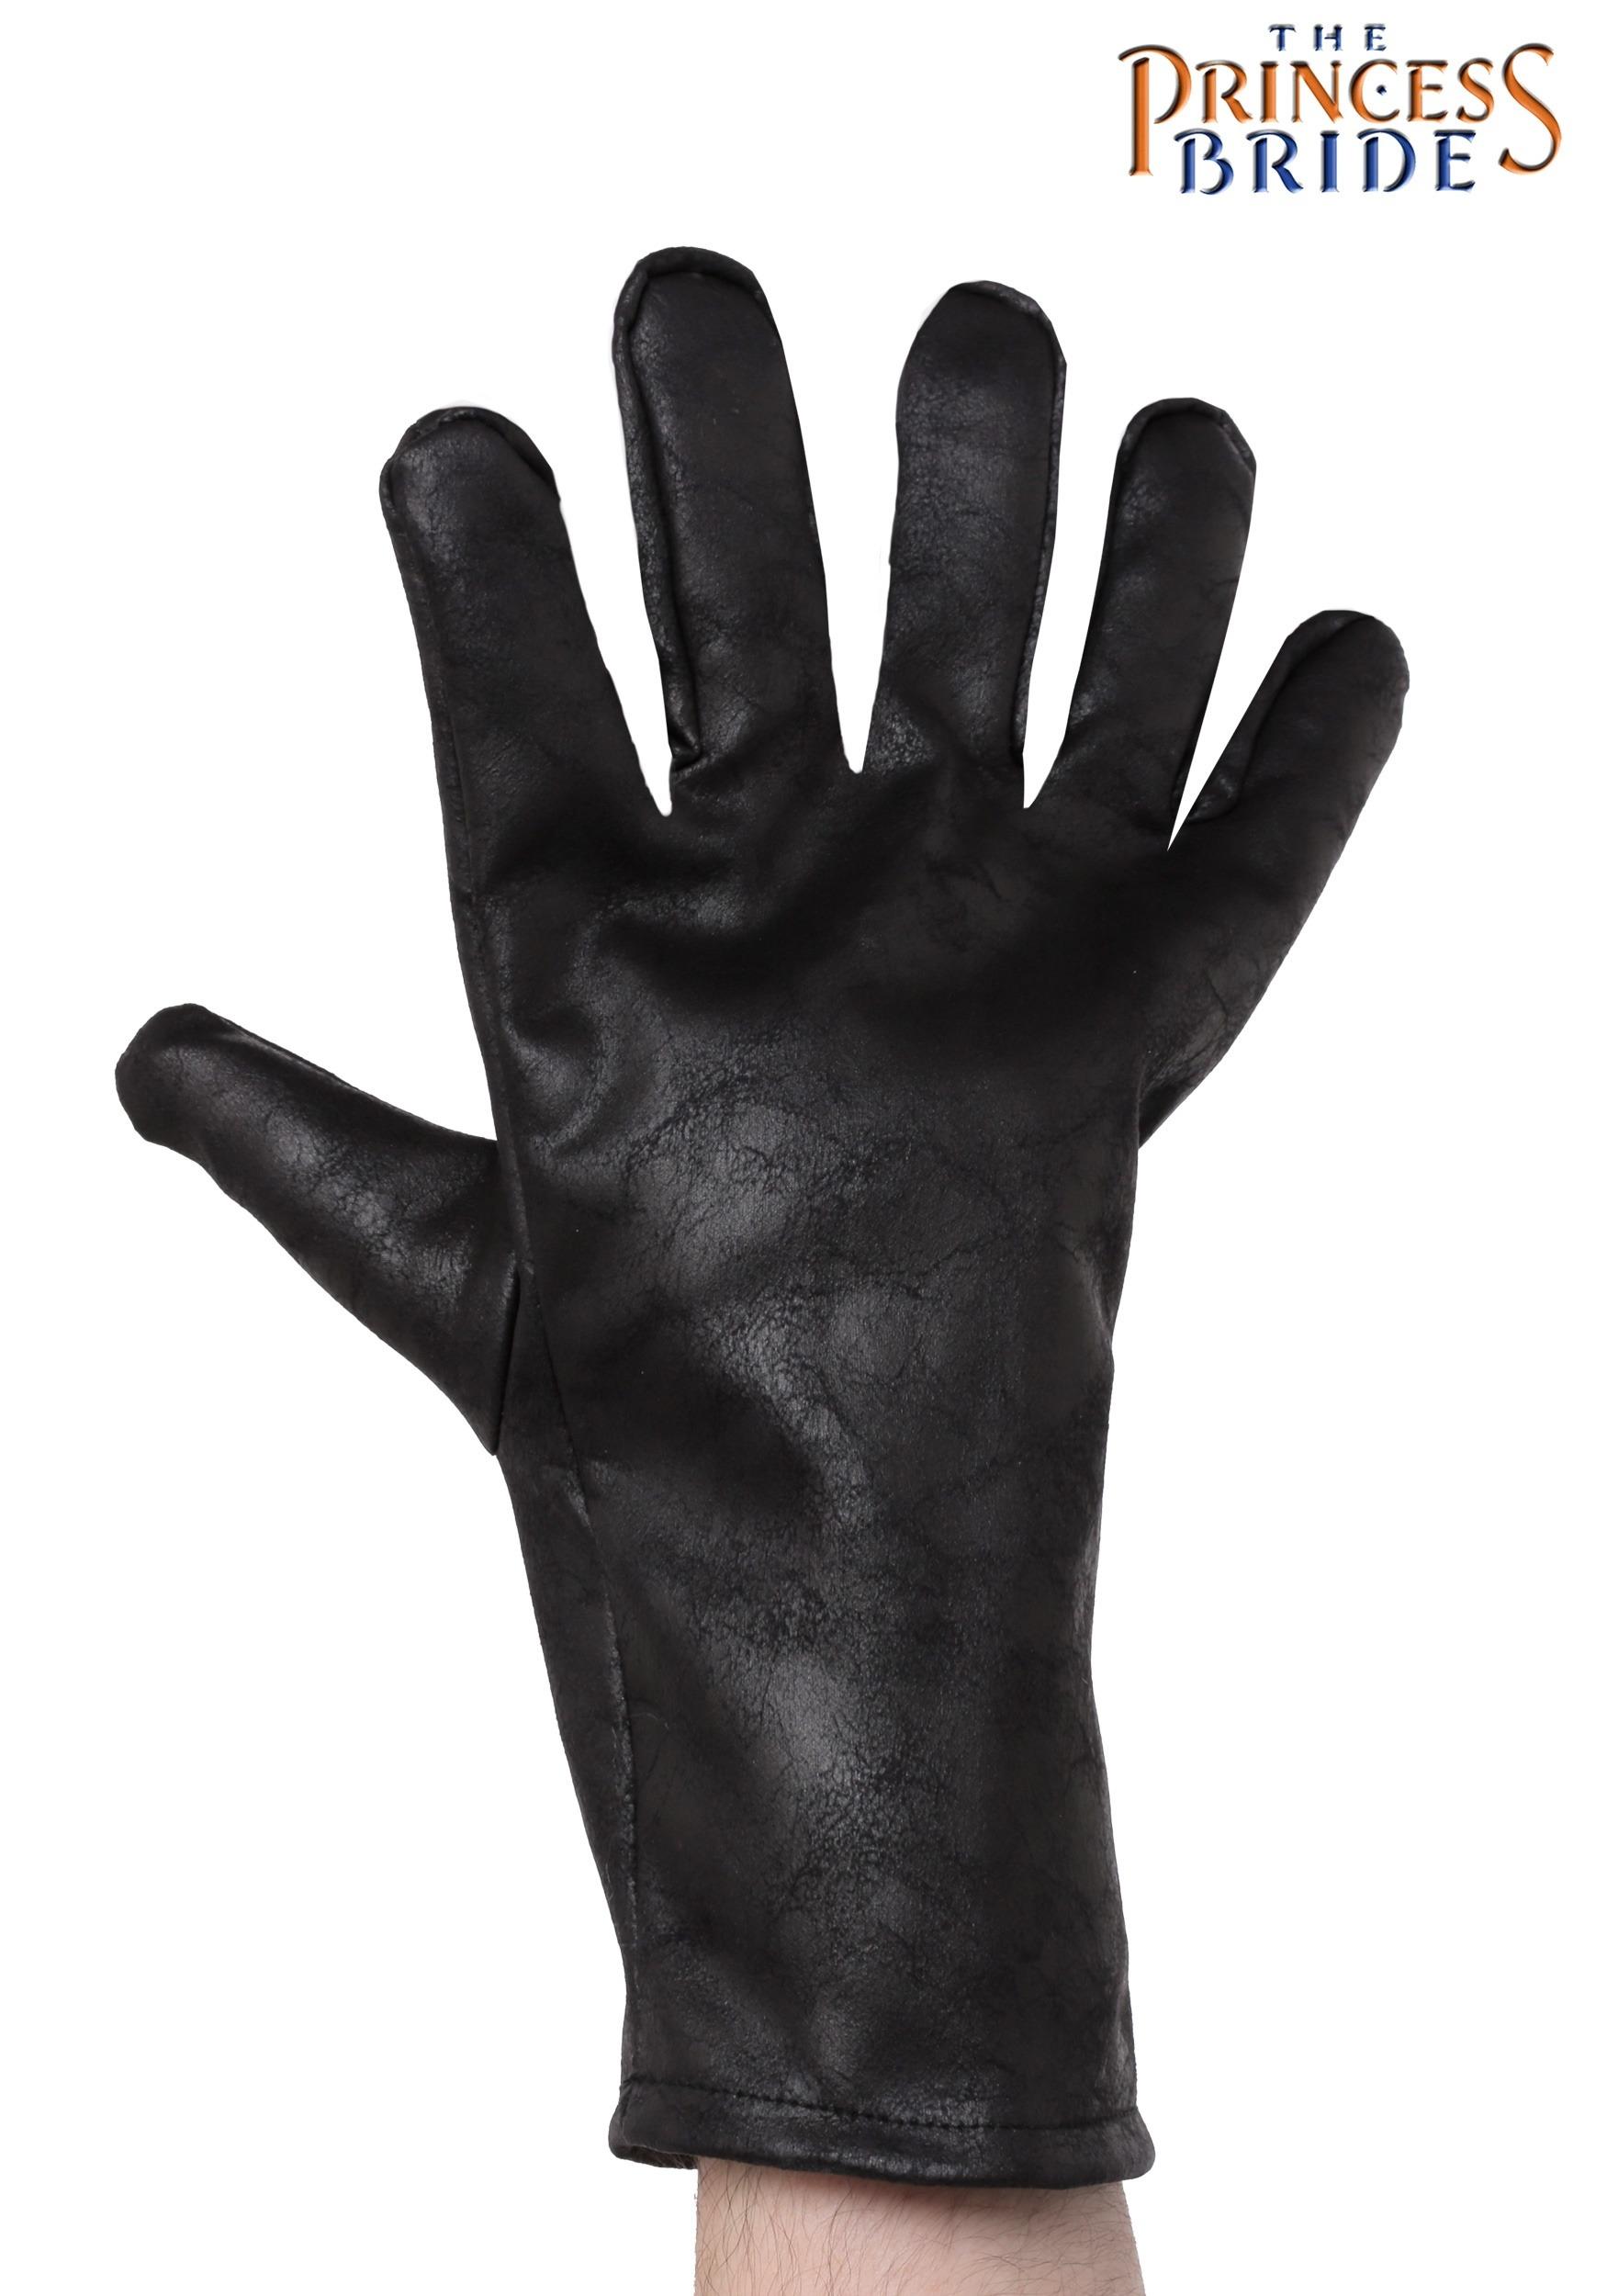 Adult Princess Bride 6 Fingered Glove